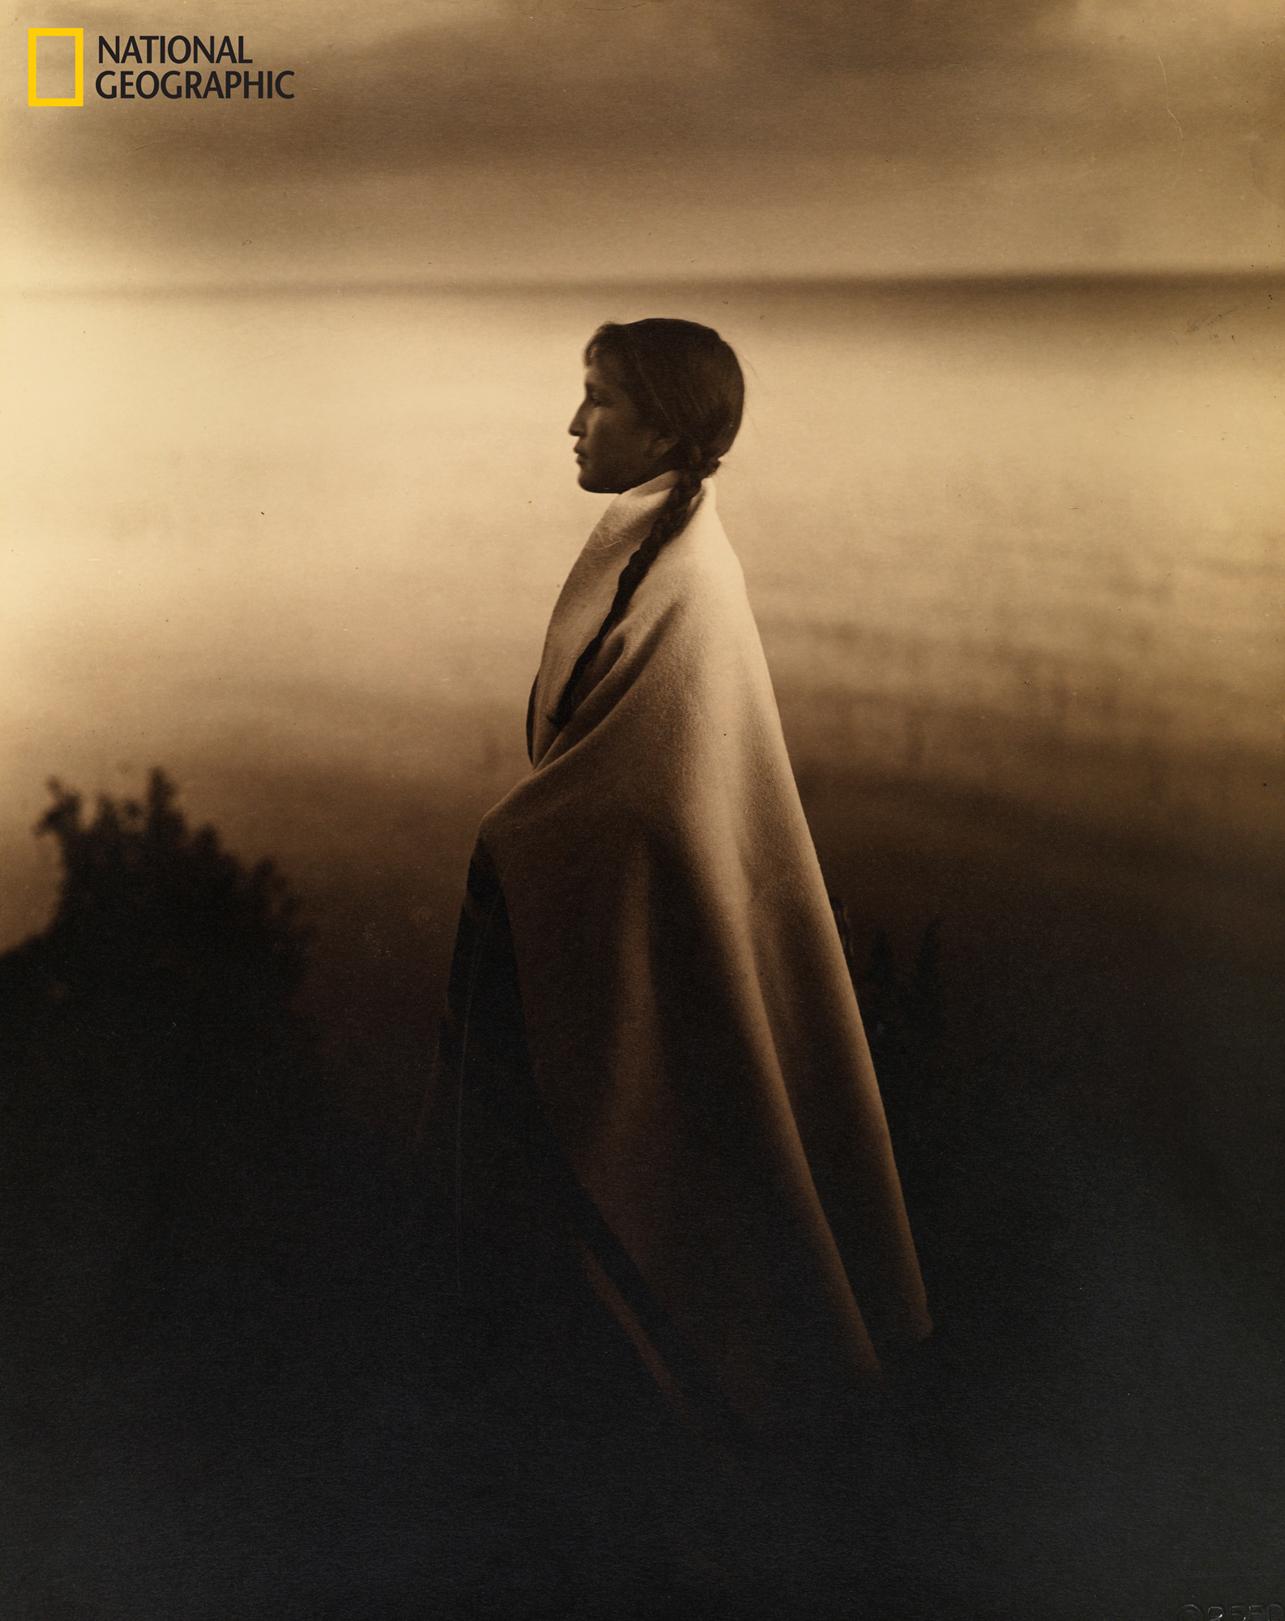 Πορτρέτο κοριτσιού της ινδιάνικης φυλής Οτζιμπγουέϊ ή Τσιπεούα